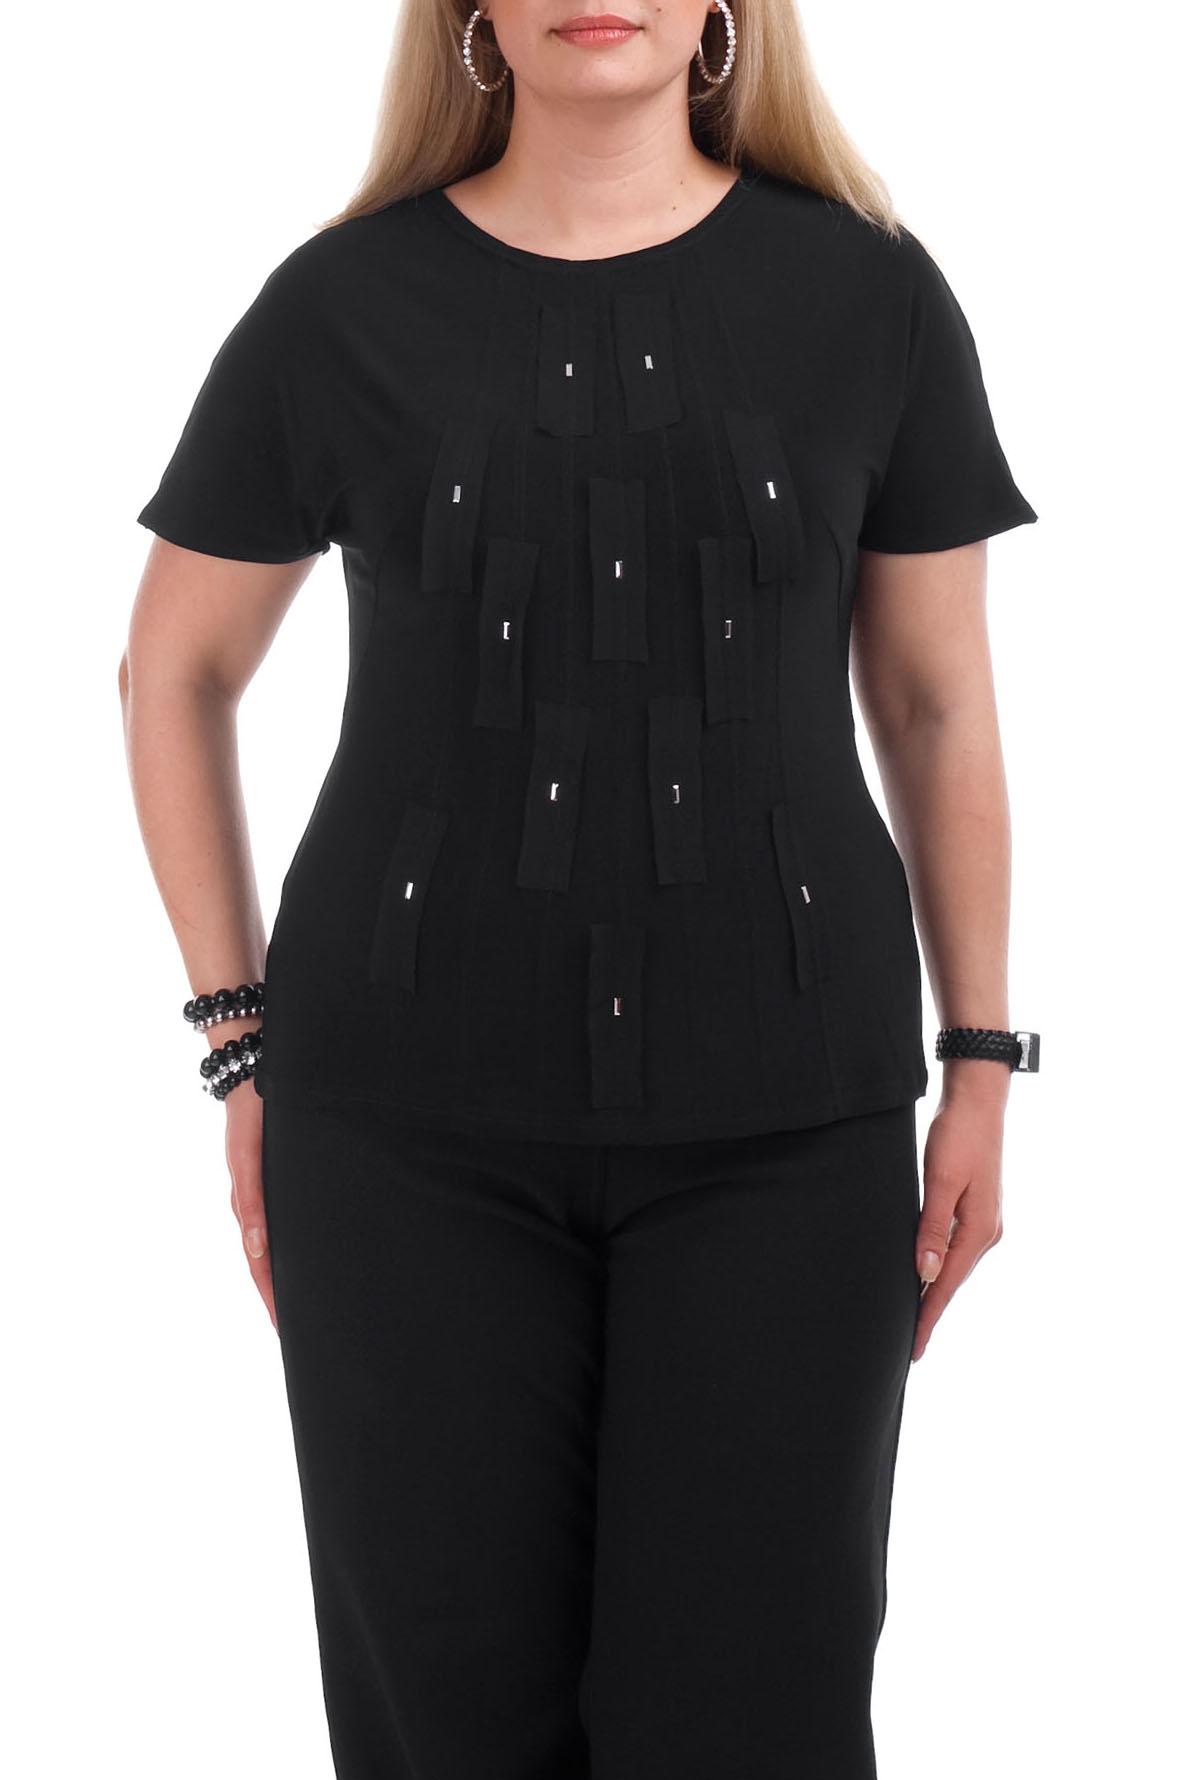 БлузкаБлузки<br>Прекрасная блузка с круглой горловиной и короткими рукавами. Модель выполнена из приятного материала. Отличный выбор для любого случая. Расположение декора может незначительно отличаться от картинки.  Цвет: черный  Рост девушки-фотомодели 173 см<br><br>Горловина: С- горловина<br>По материалу: Вискоза,Трикотаж,Шифон<br>По рисунку: Однотонные<br>По сезону: Весна,Всесезон,Зима,Лето,Осень<br>По силуэту: Полуприталенные<br>По стилю: Повседневный стиль<br>По элементам: С декором<br>Рукав: Короткий рукав<br>Размер : 52,68<br>Материал: Холодное масло + Шифон<br>Количество в наличии: 3